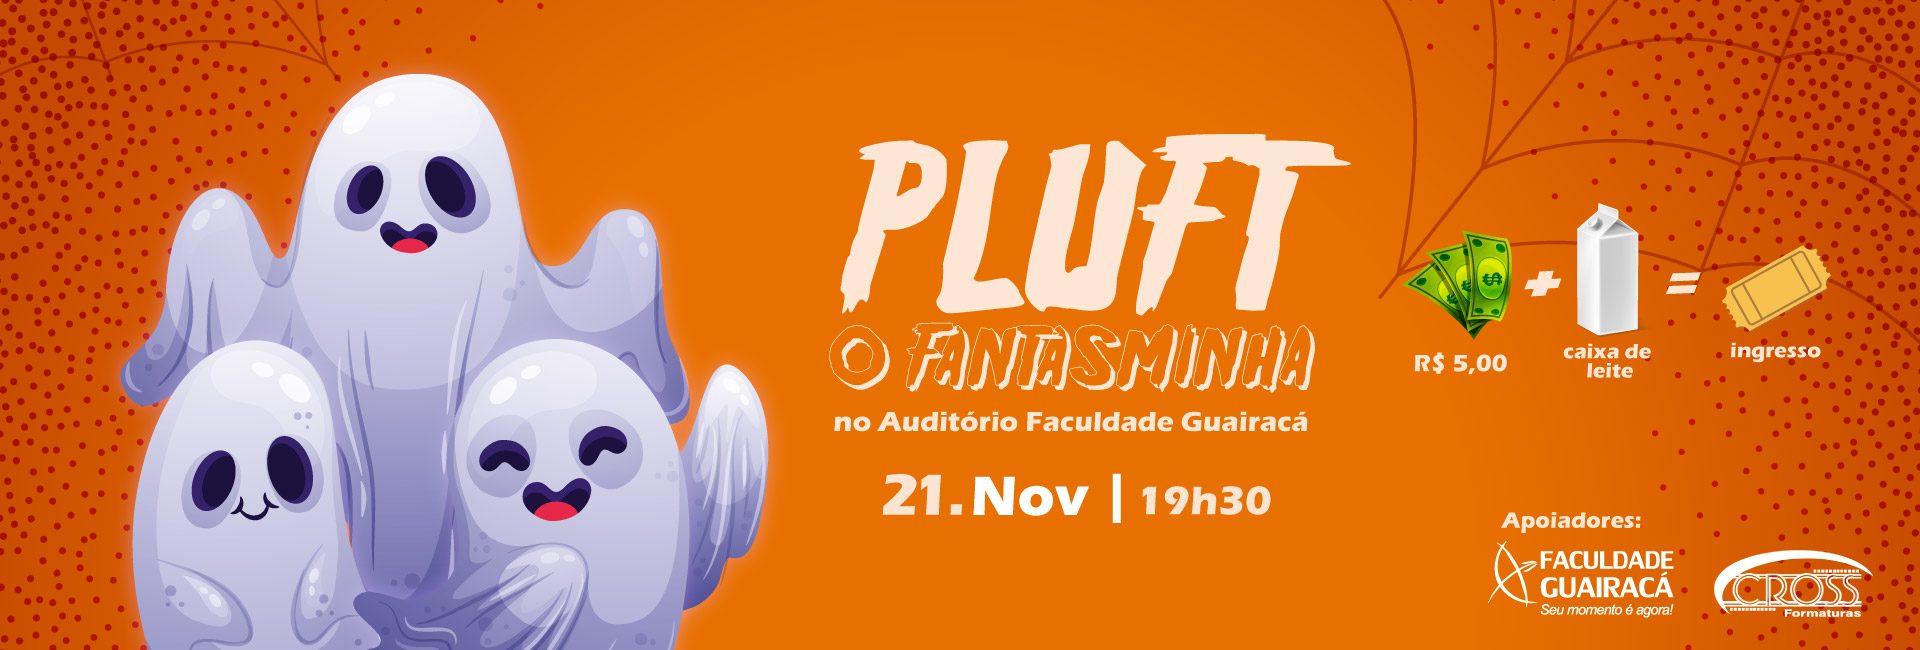 Peça teatral 'Pluft: o fantasminha'